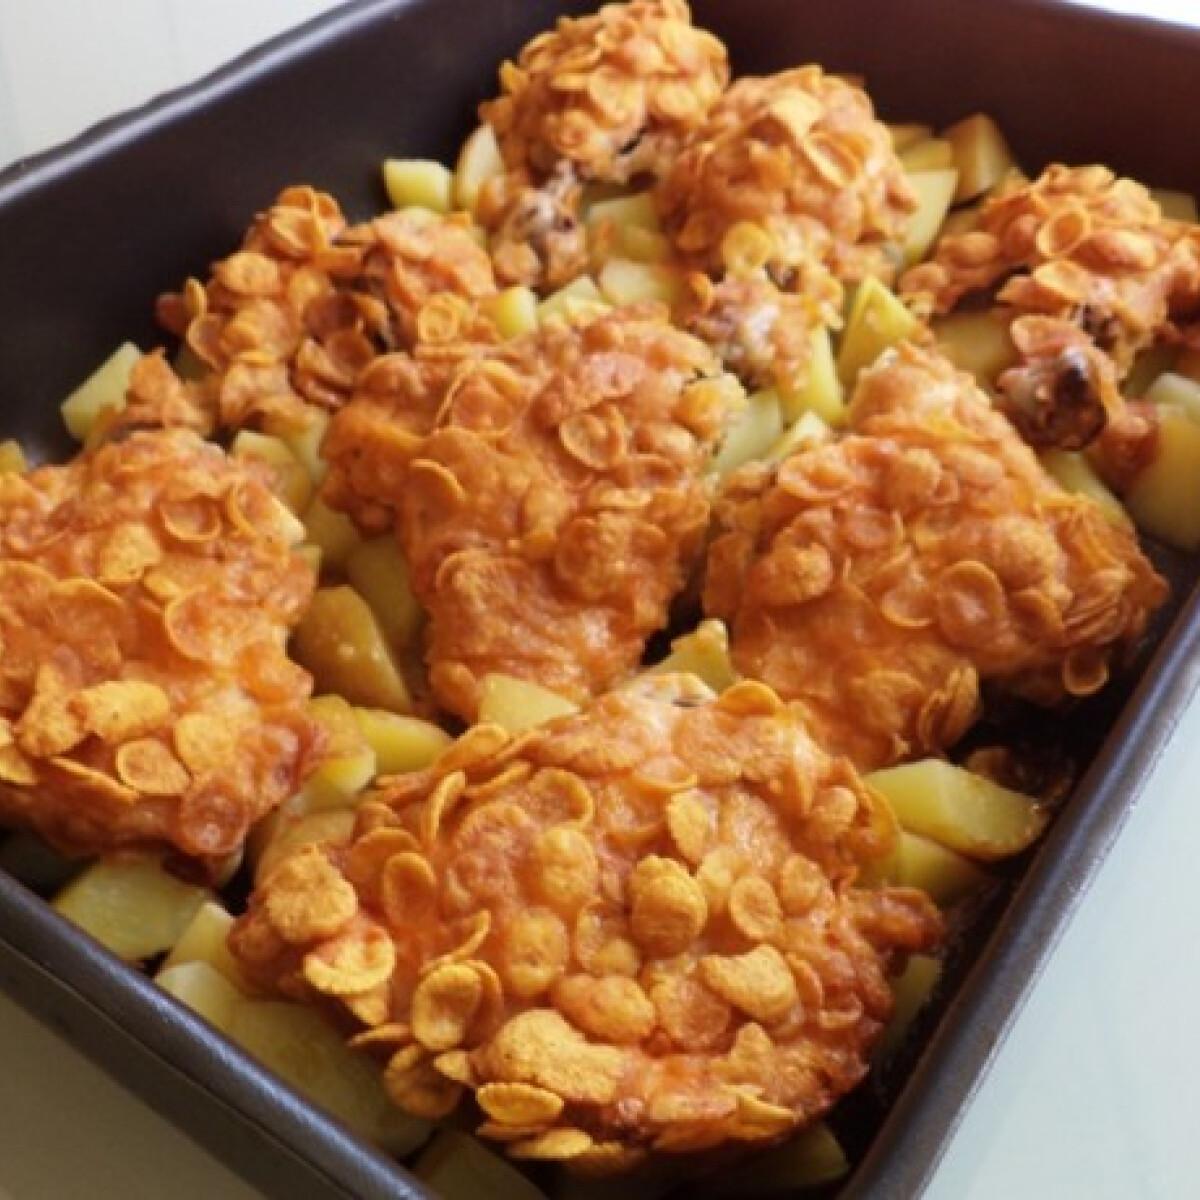 Kukoricapelyhes csirkecombok sütőben sütve